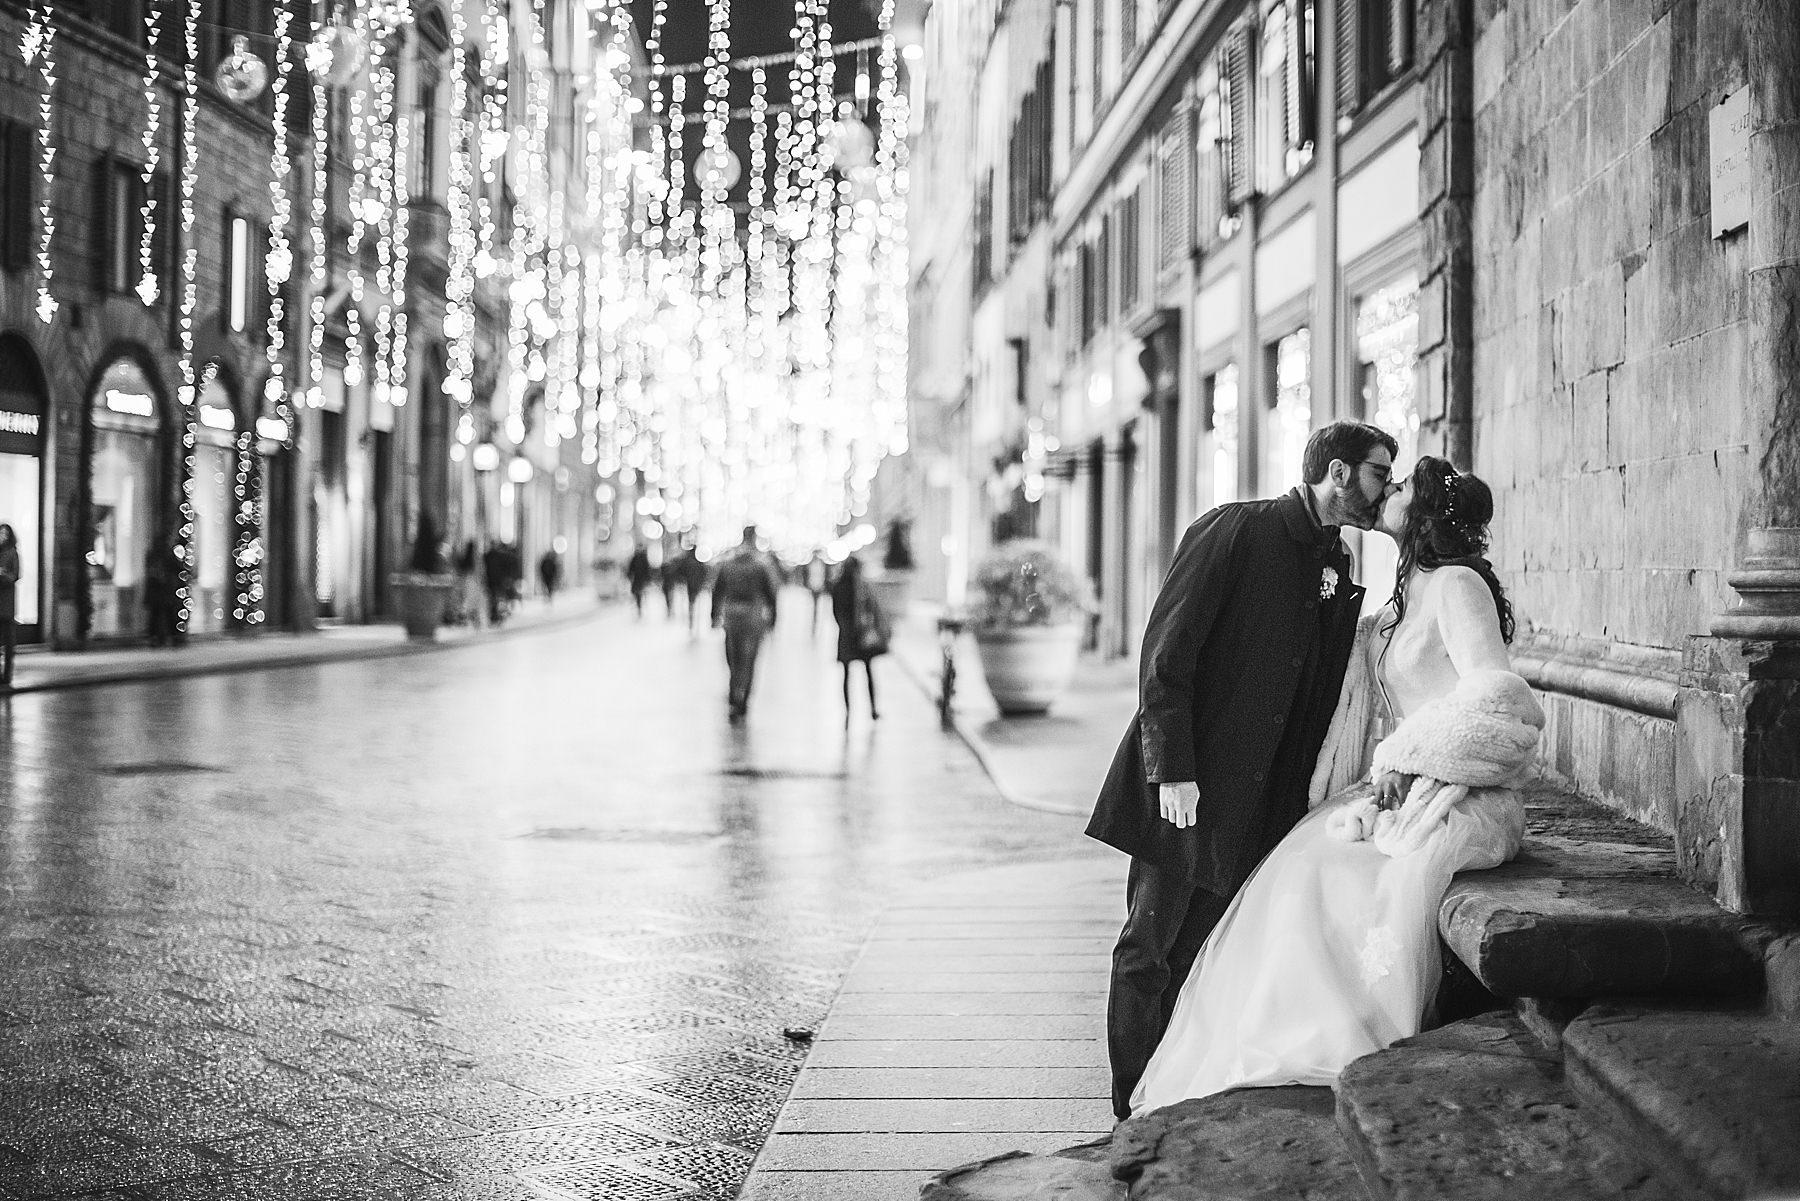 Matrimonio a Palazzo Vecchio e Palazzo Borghese sposi in centro a Firenze a Natale